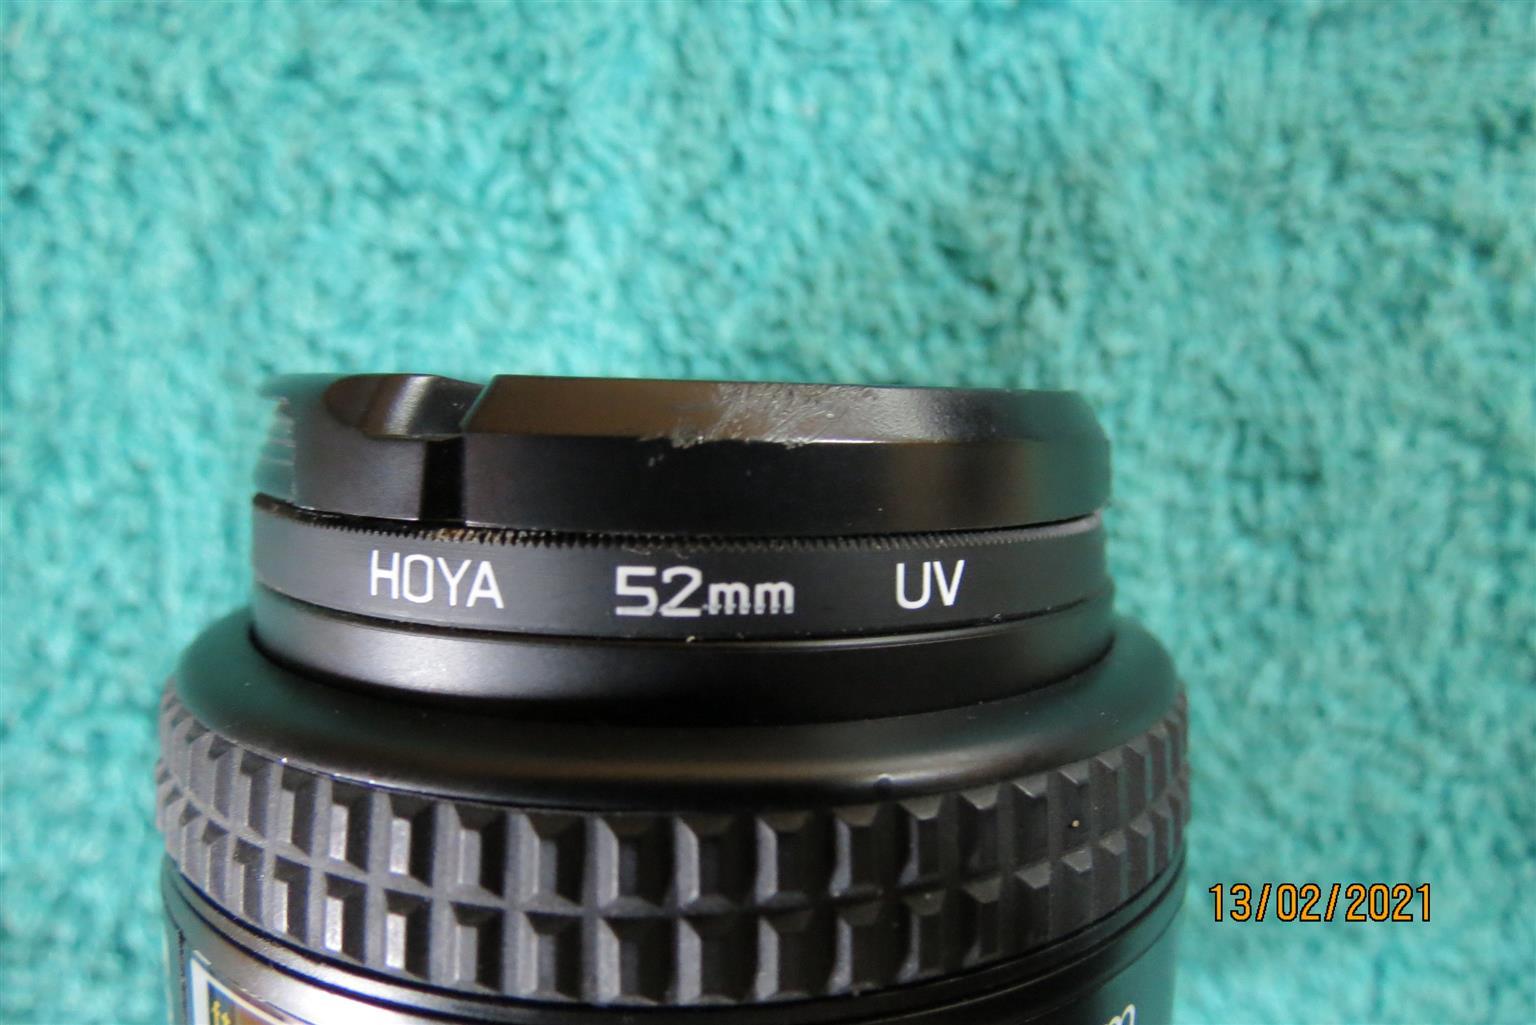 Nikon 50 mm 1:1.4 D f stop lens